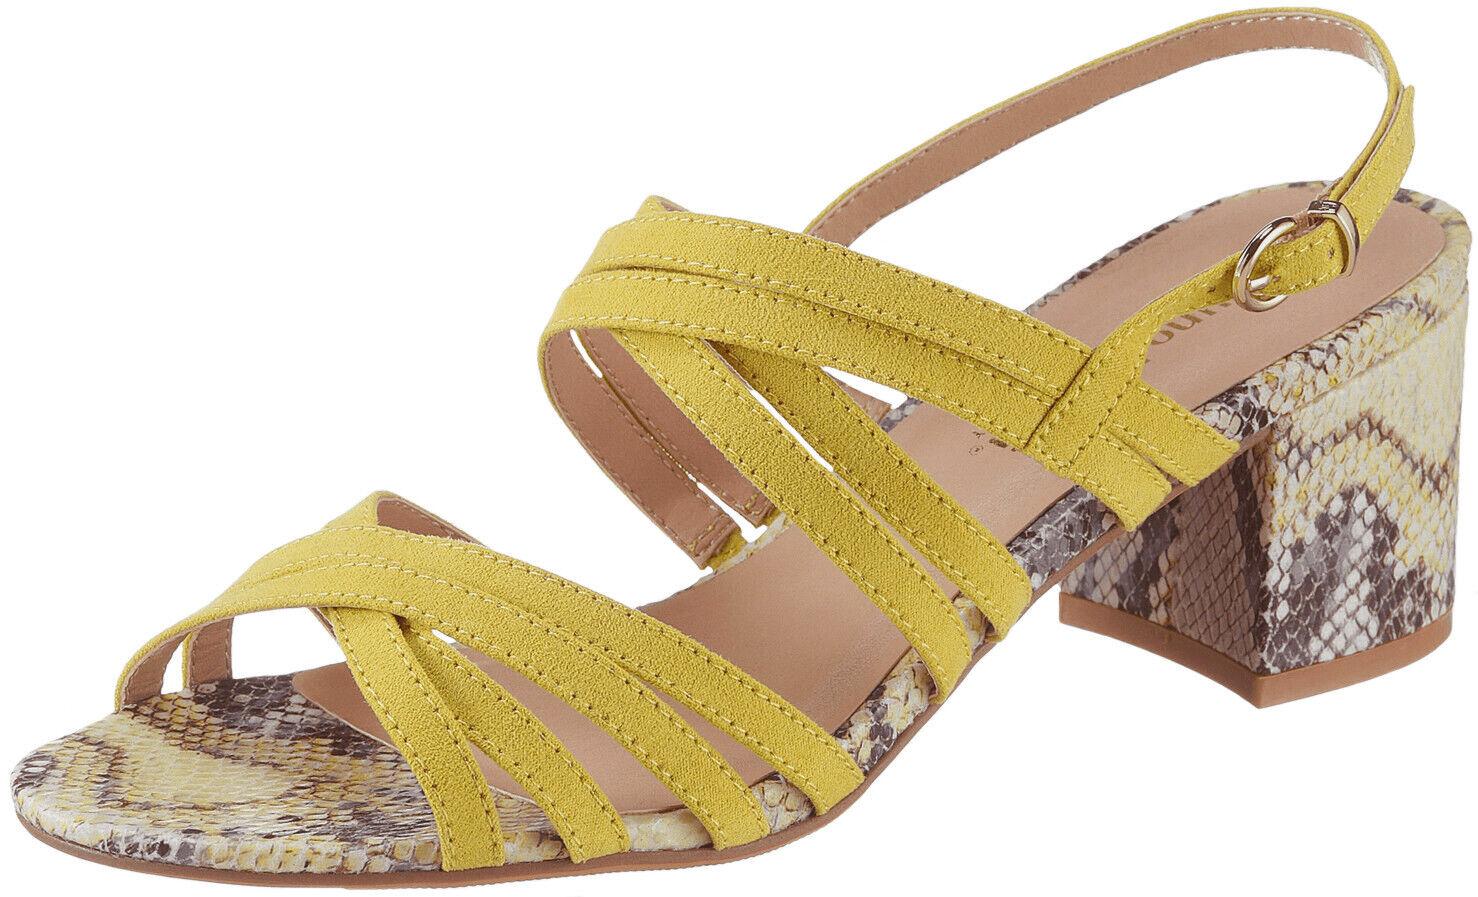 Bruno Banani Femmes Sandales Taille 40 Sandales Été Chaussures Jaune Nouveau